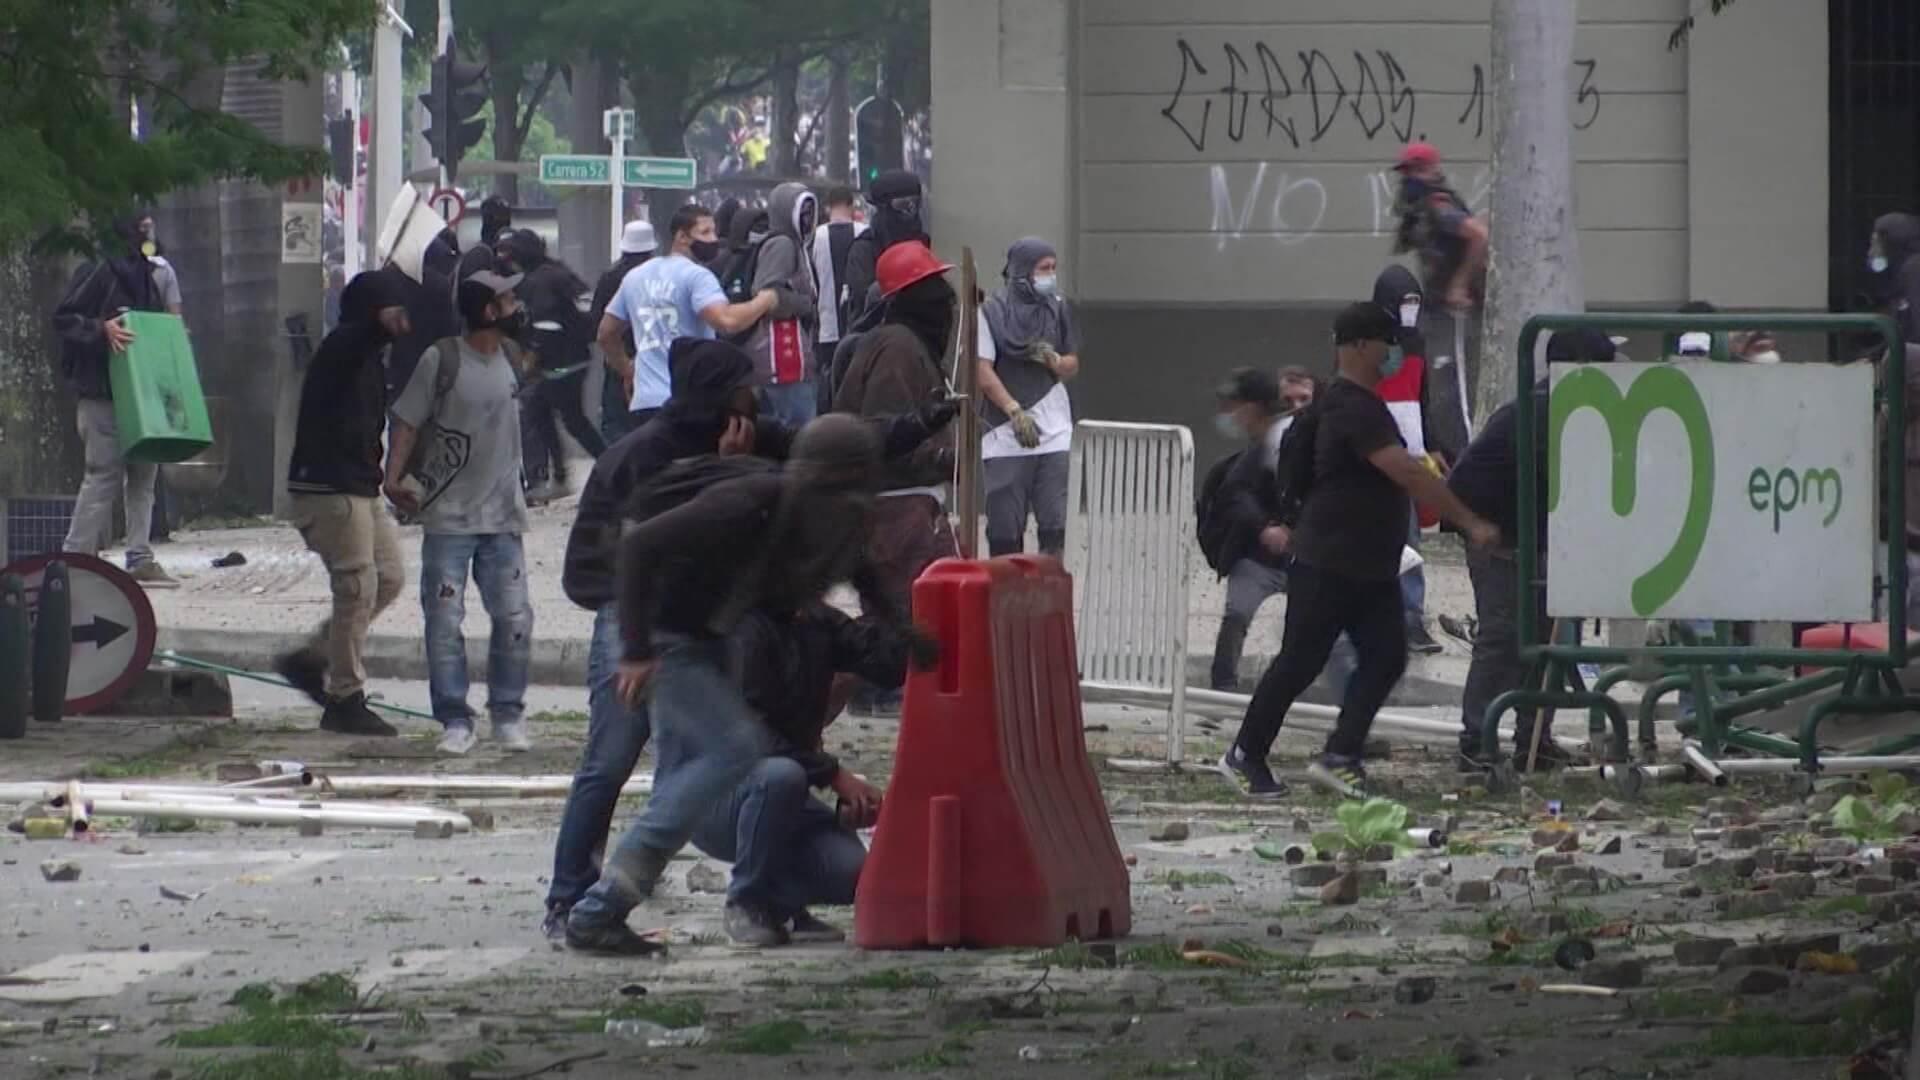 Marchas con actos vandálicos y saqueos en varios puntos